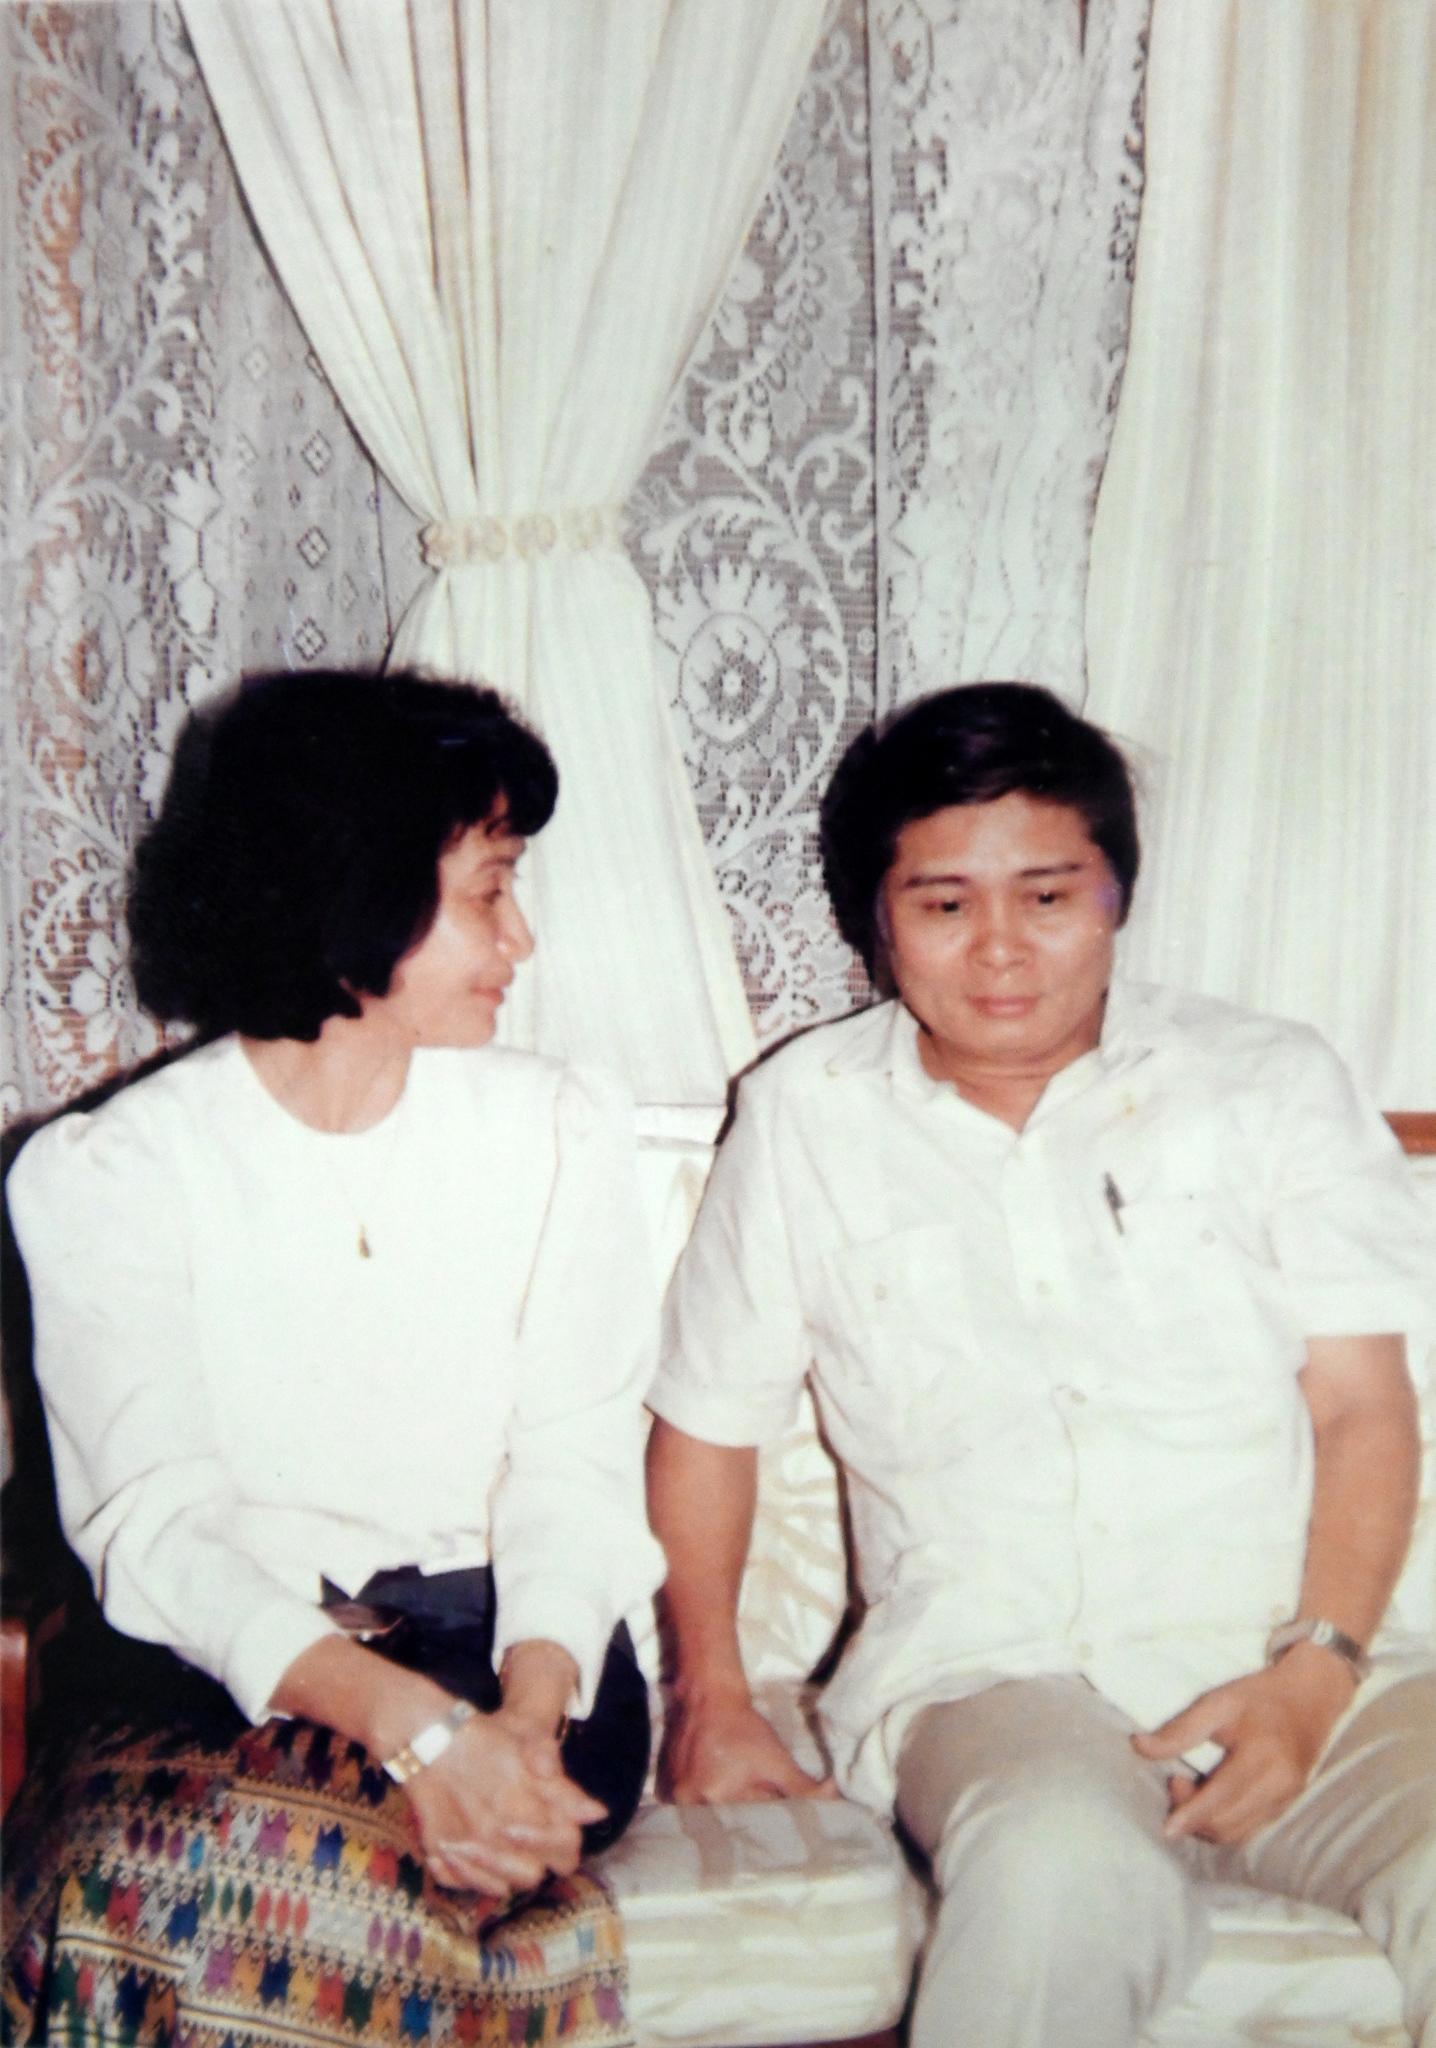 Người đàm phán Hiệp định Việt Mỹ với triết lý thợ cày và mẹt hoa quả vỉa hè khắc họa bức tranh cuộc đời - Ảnh 5.